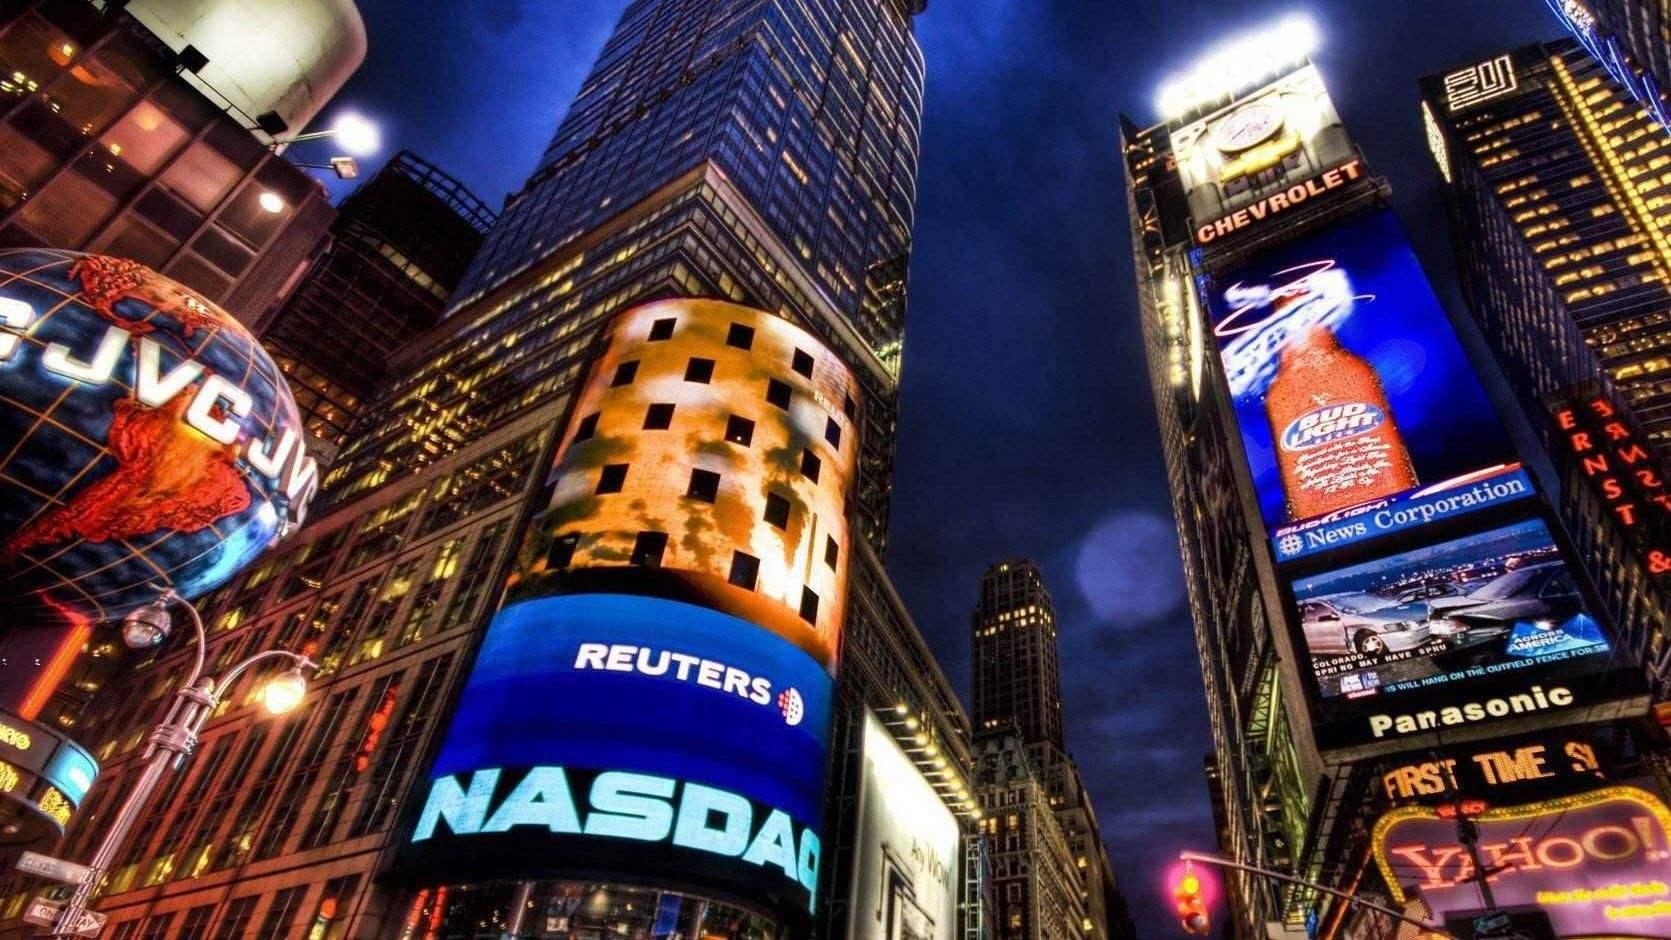 中期选举左右美股市场 投资者看好医药股和银行股